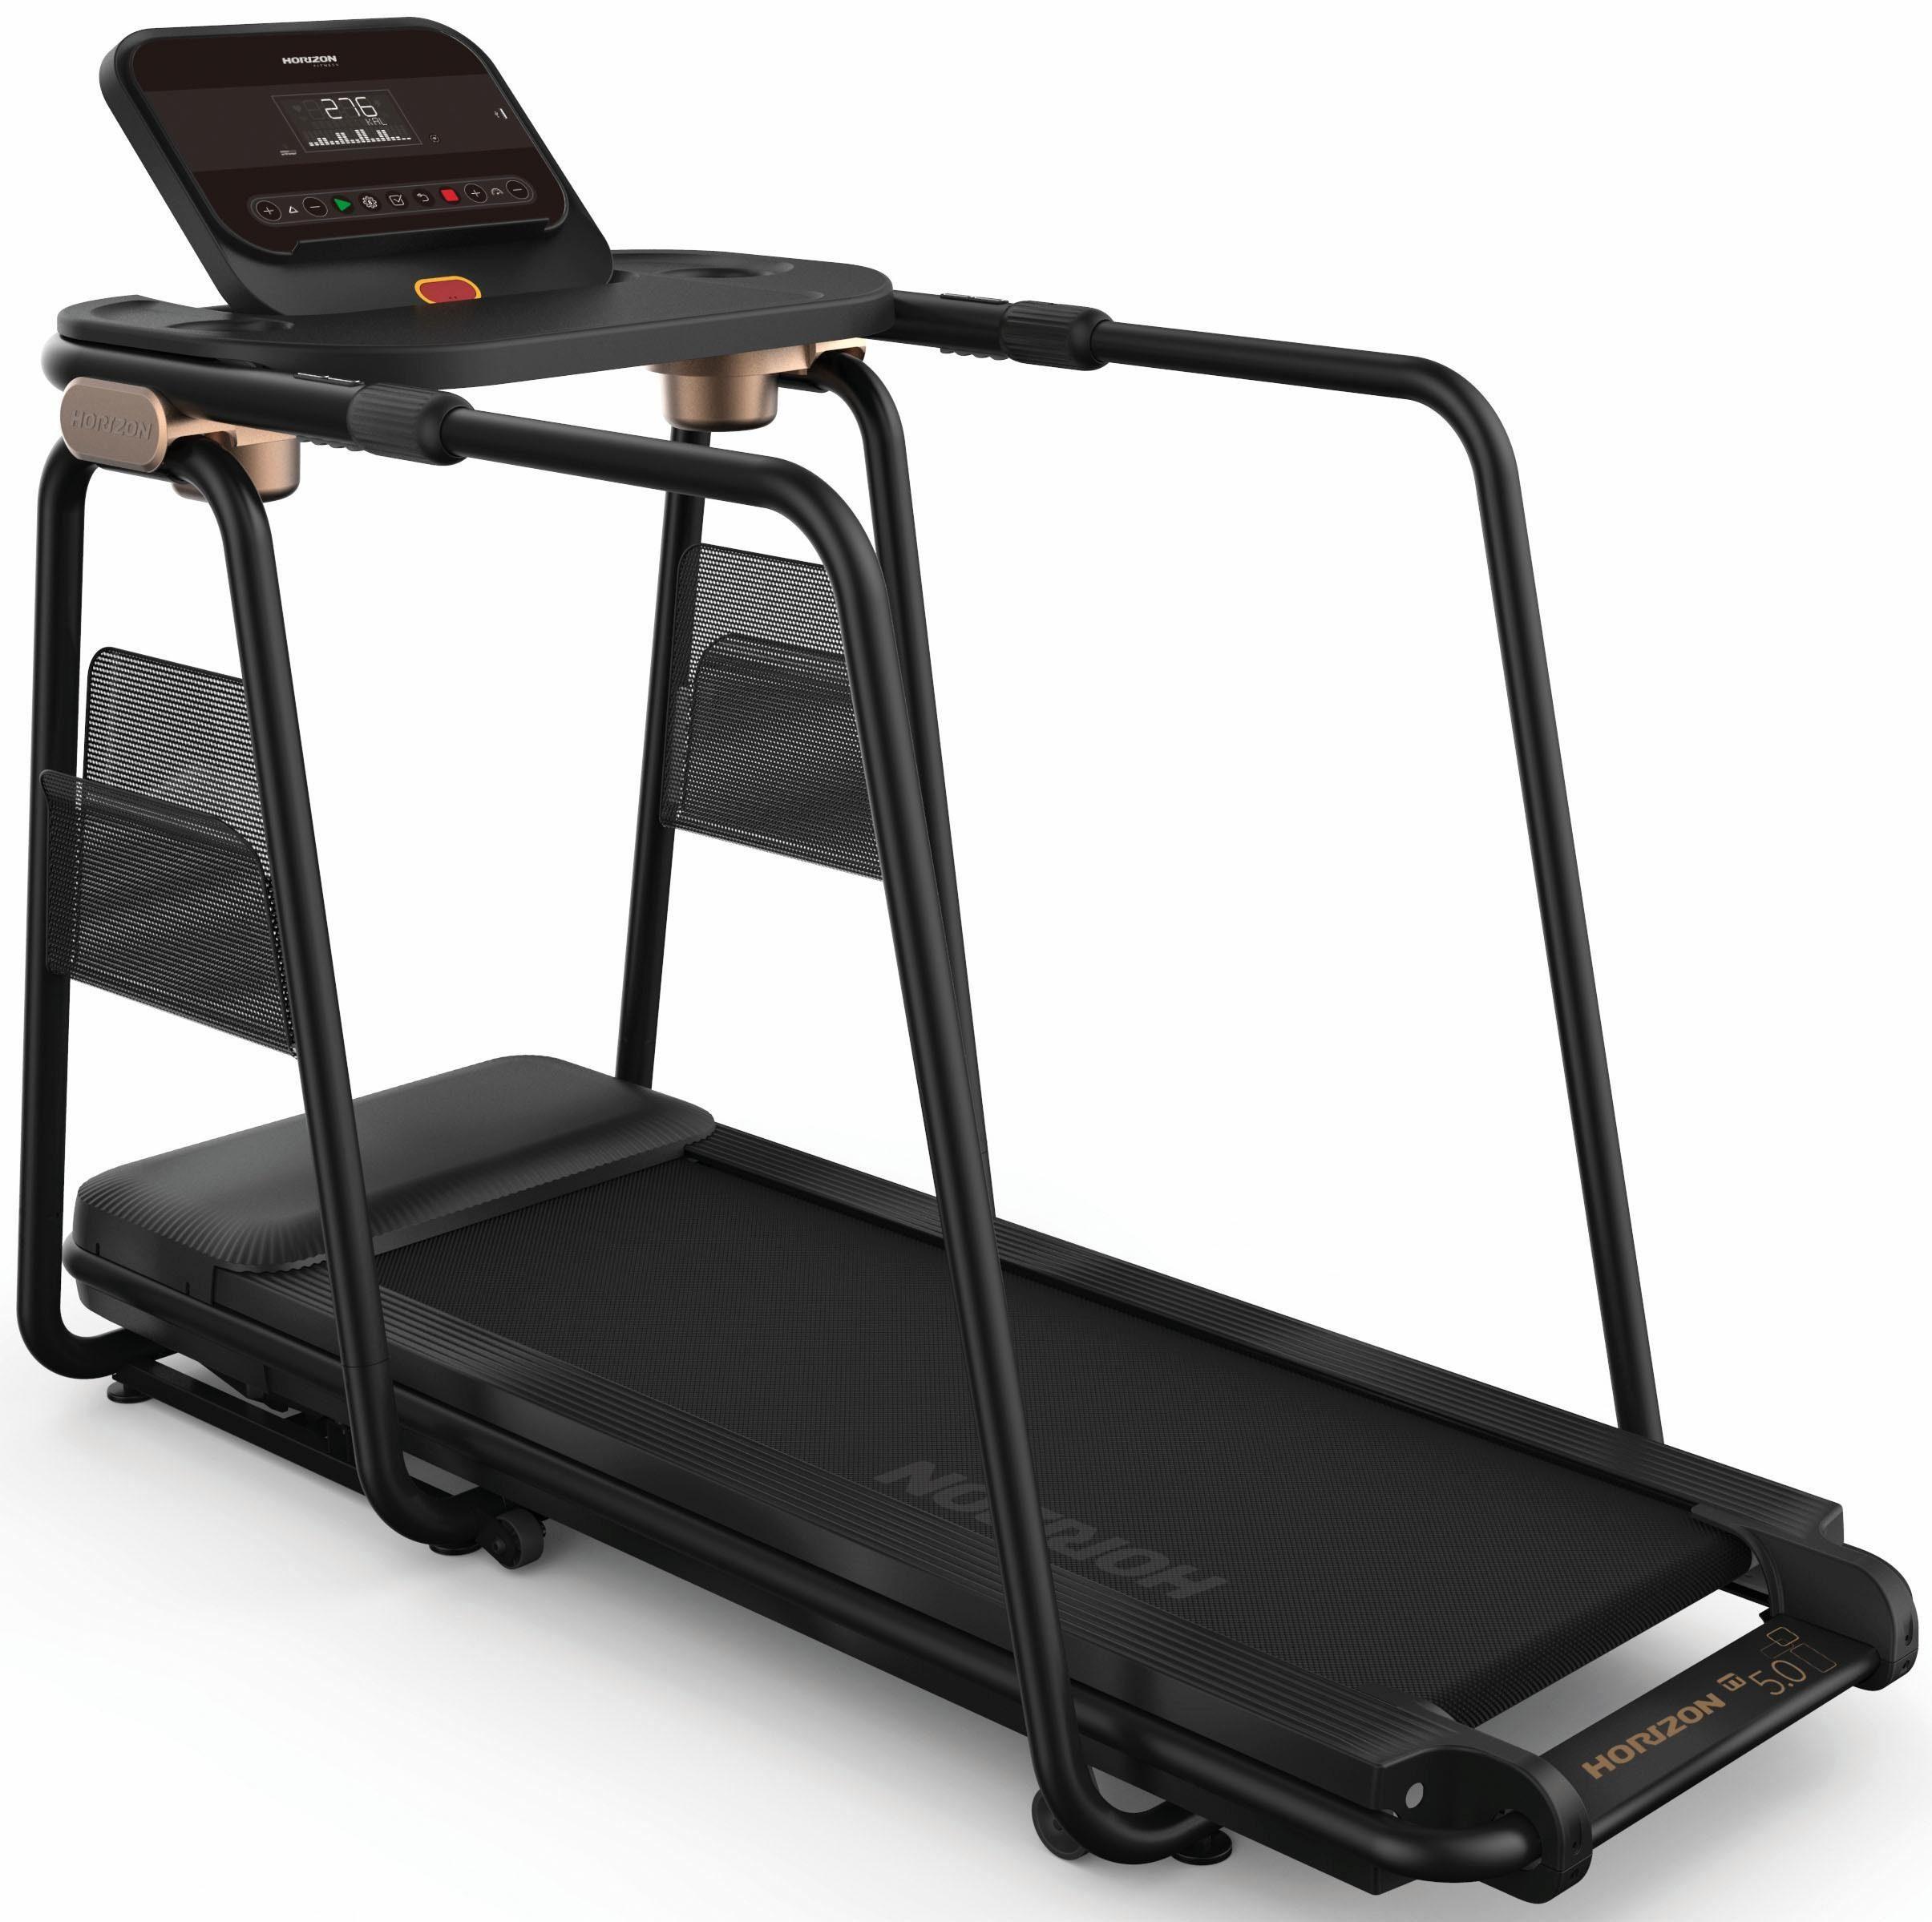 Horizon Fitness Laufband »Citta TT5.0«